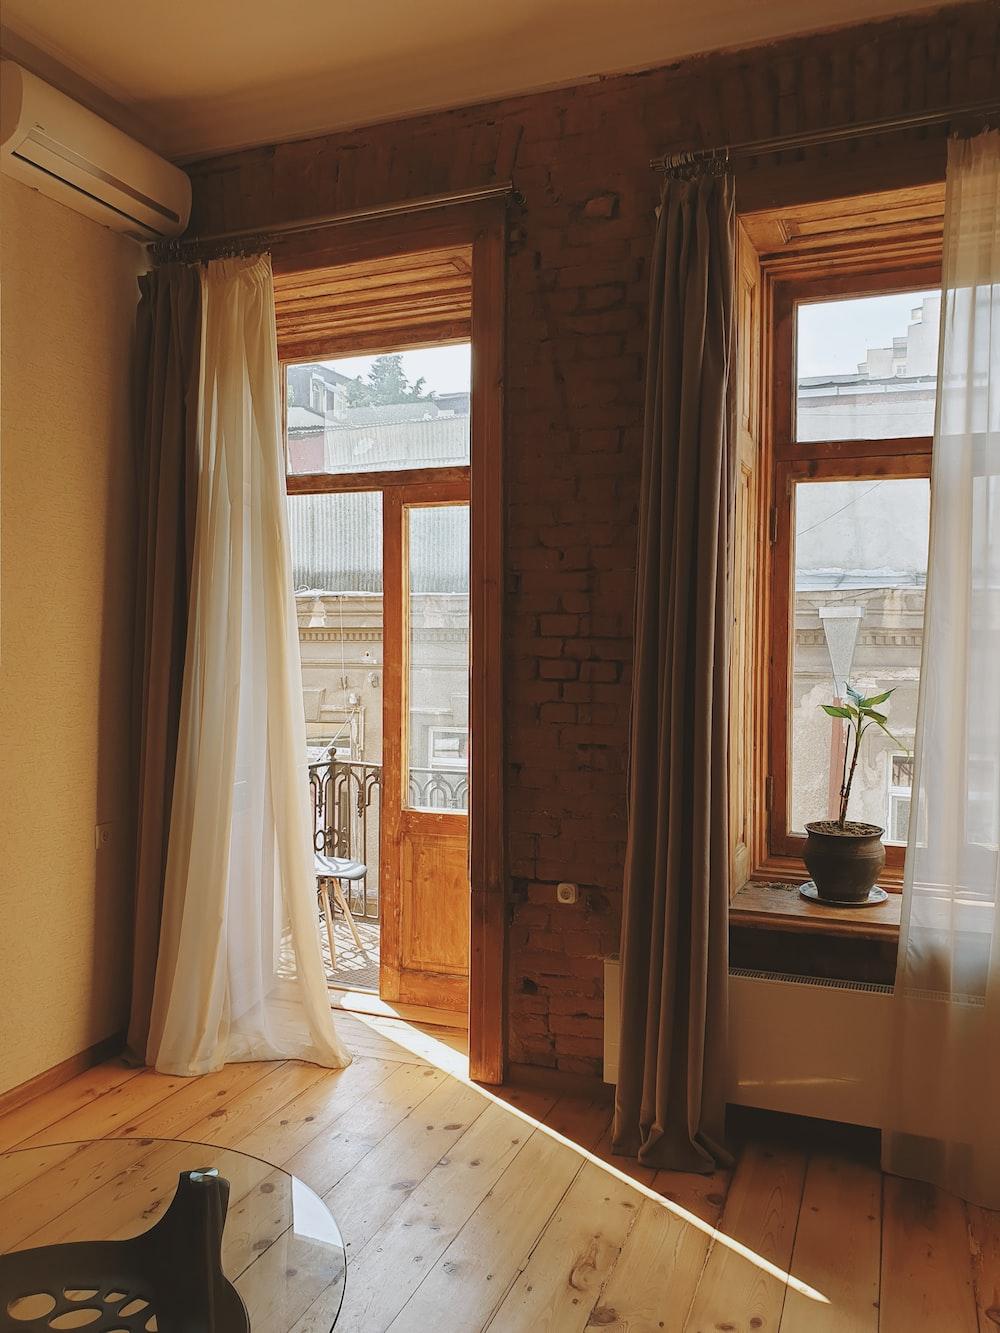 white window curtain near brown wooden door